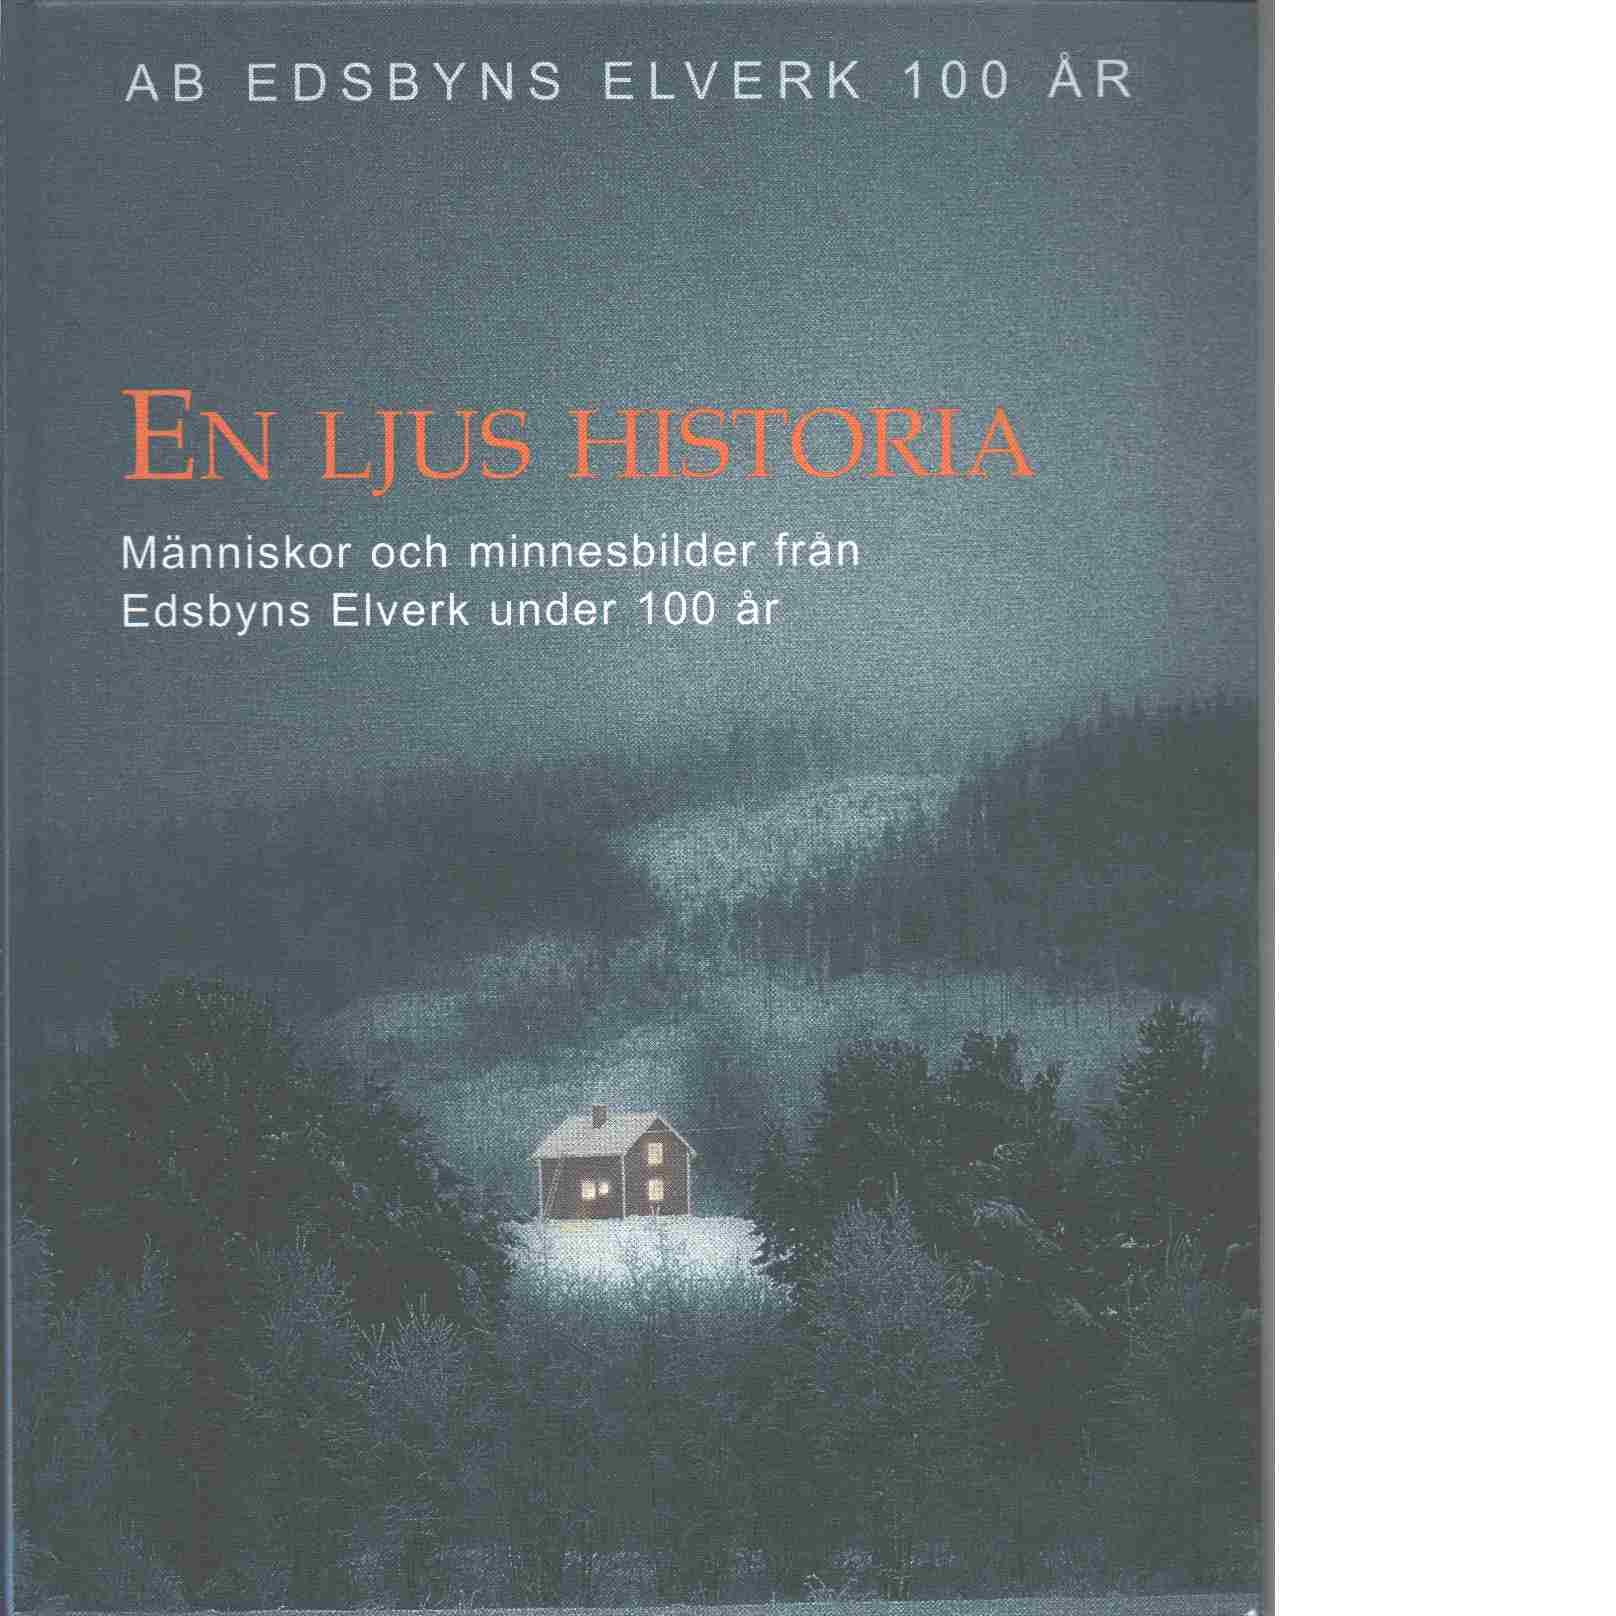 En ljus historia : människor och minnesbilder från Edsbyns elverk under 100 år - Red. Edsbyns elverk